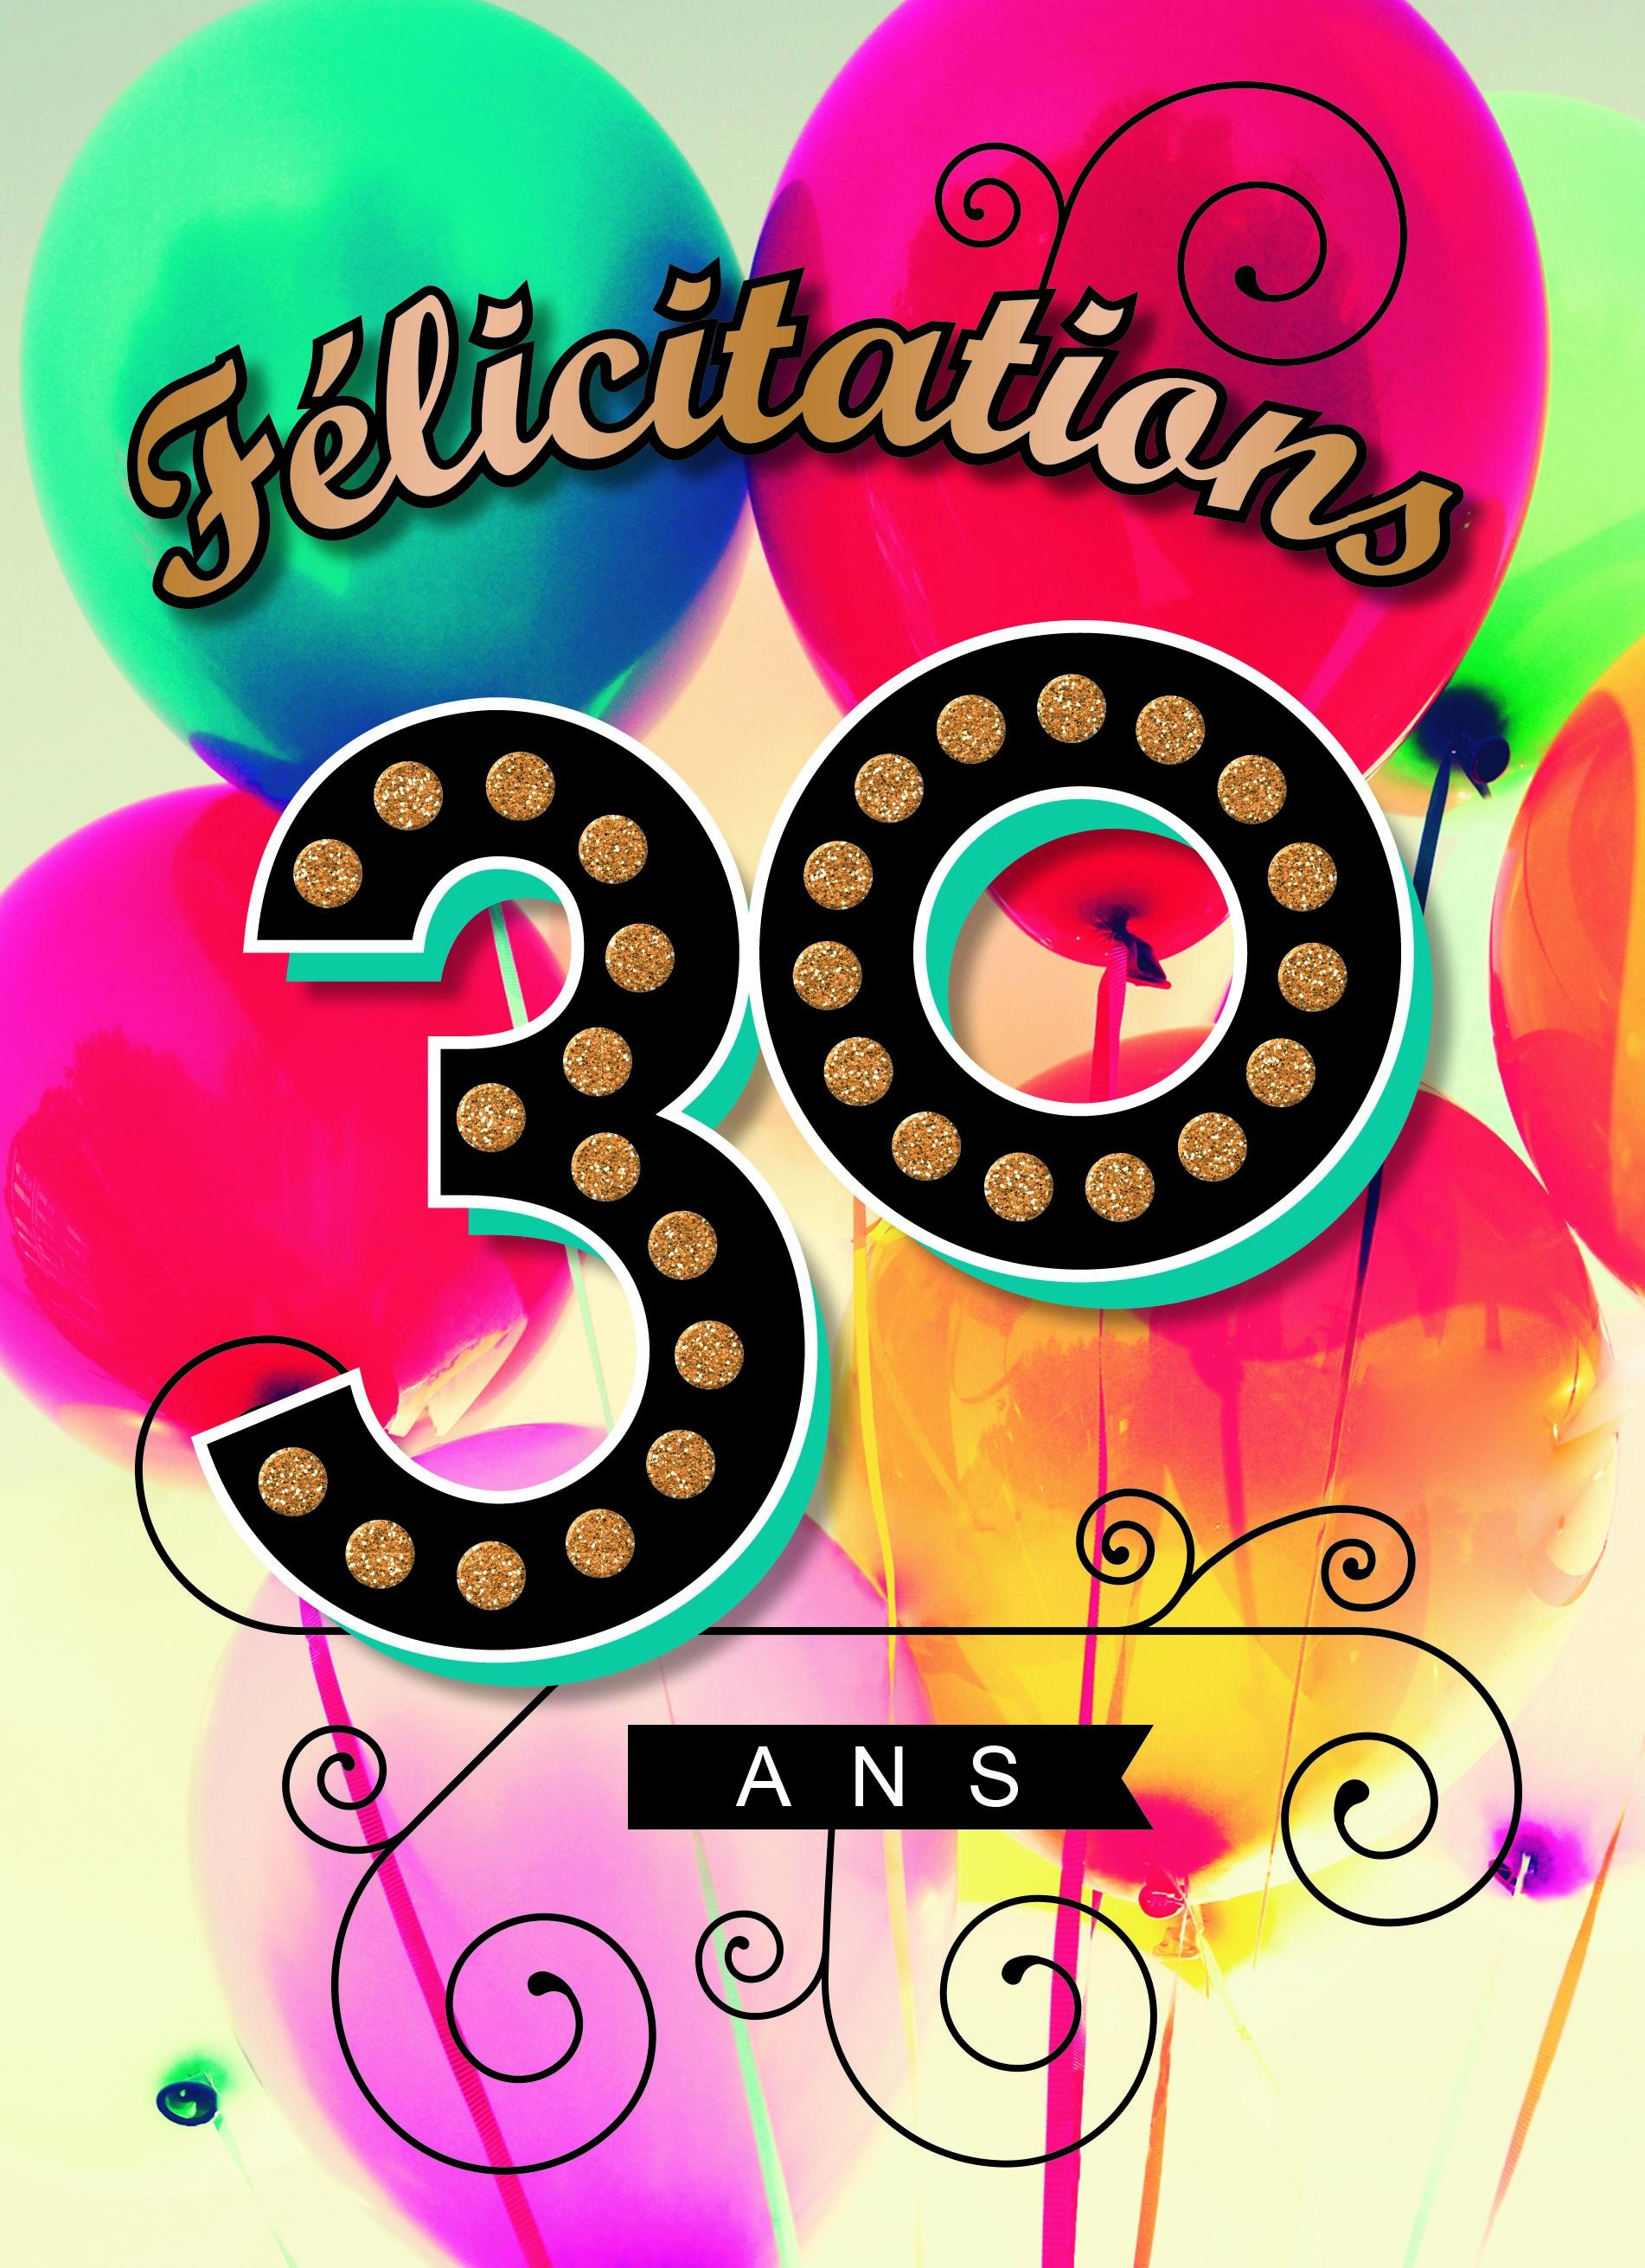 30 Jaar Verjaardag Grappen